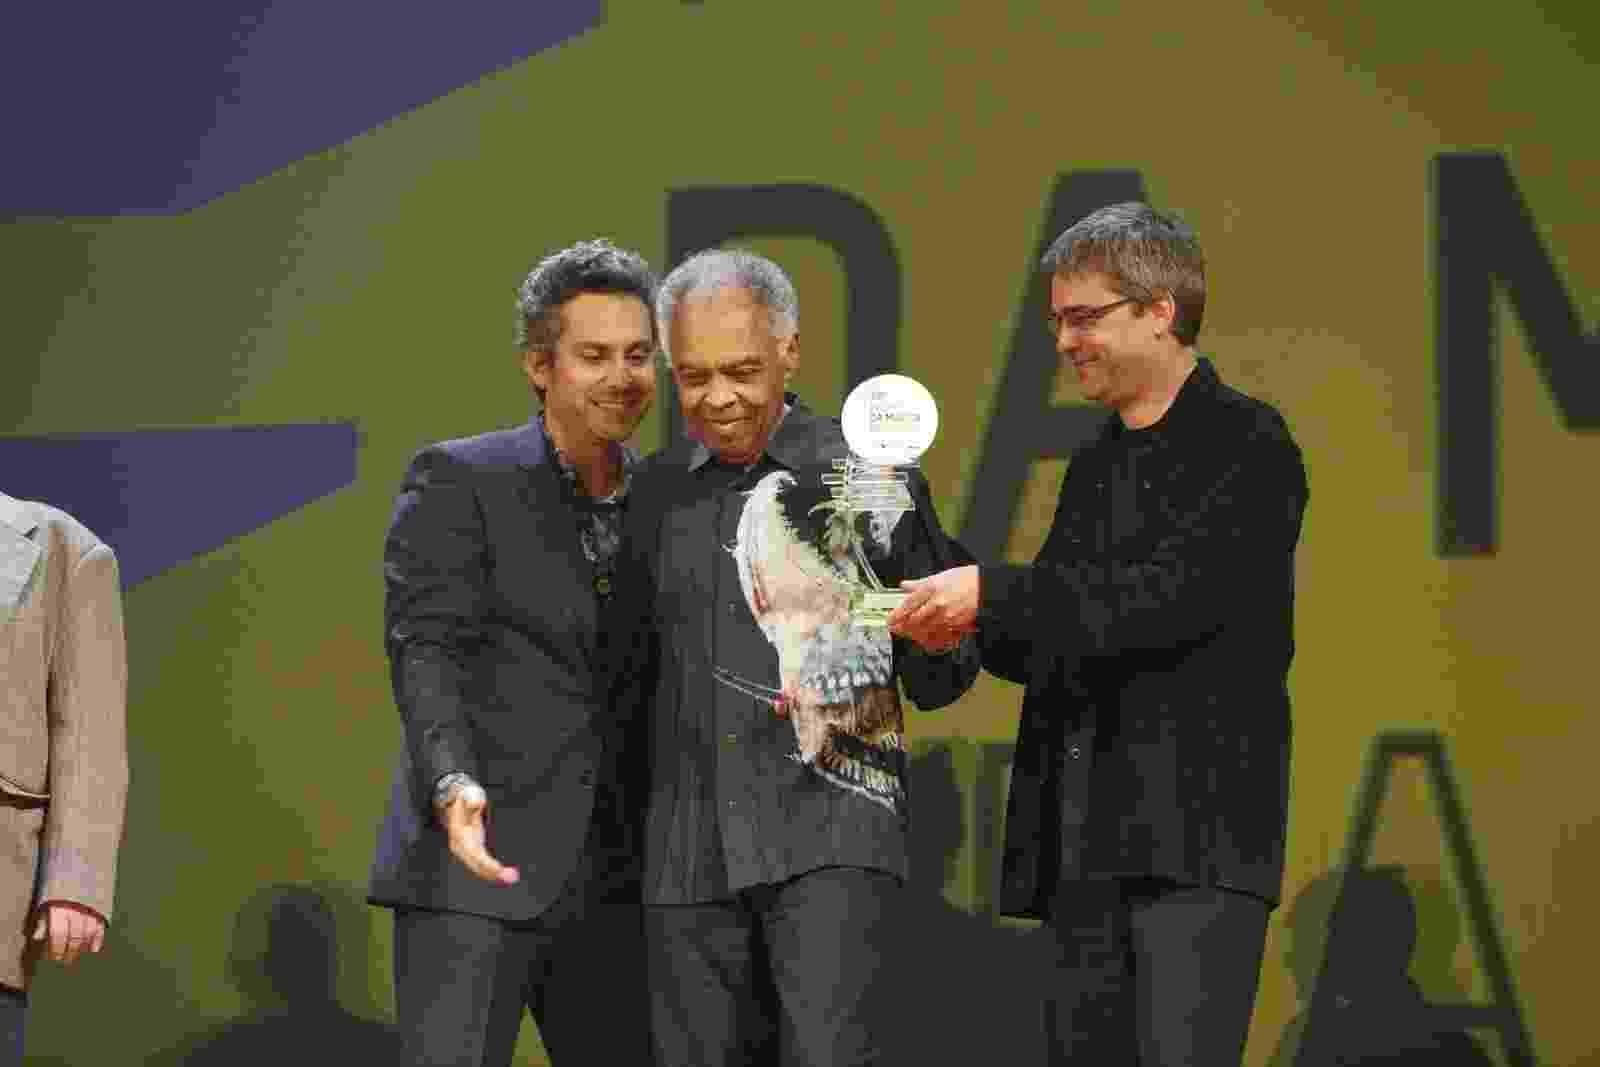 Junto com o ator Alexandre Nero (à esq.), o cantor Gilberto Gil recebe troféu no Prêmio da Música Brasileira - AgNews